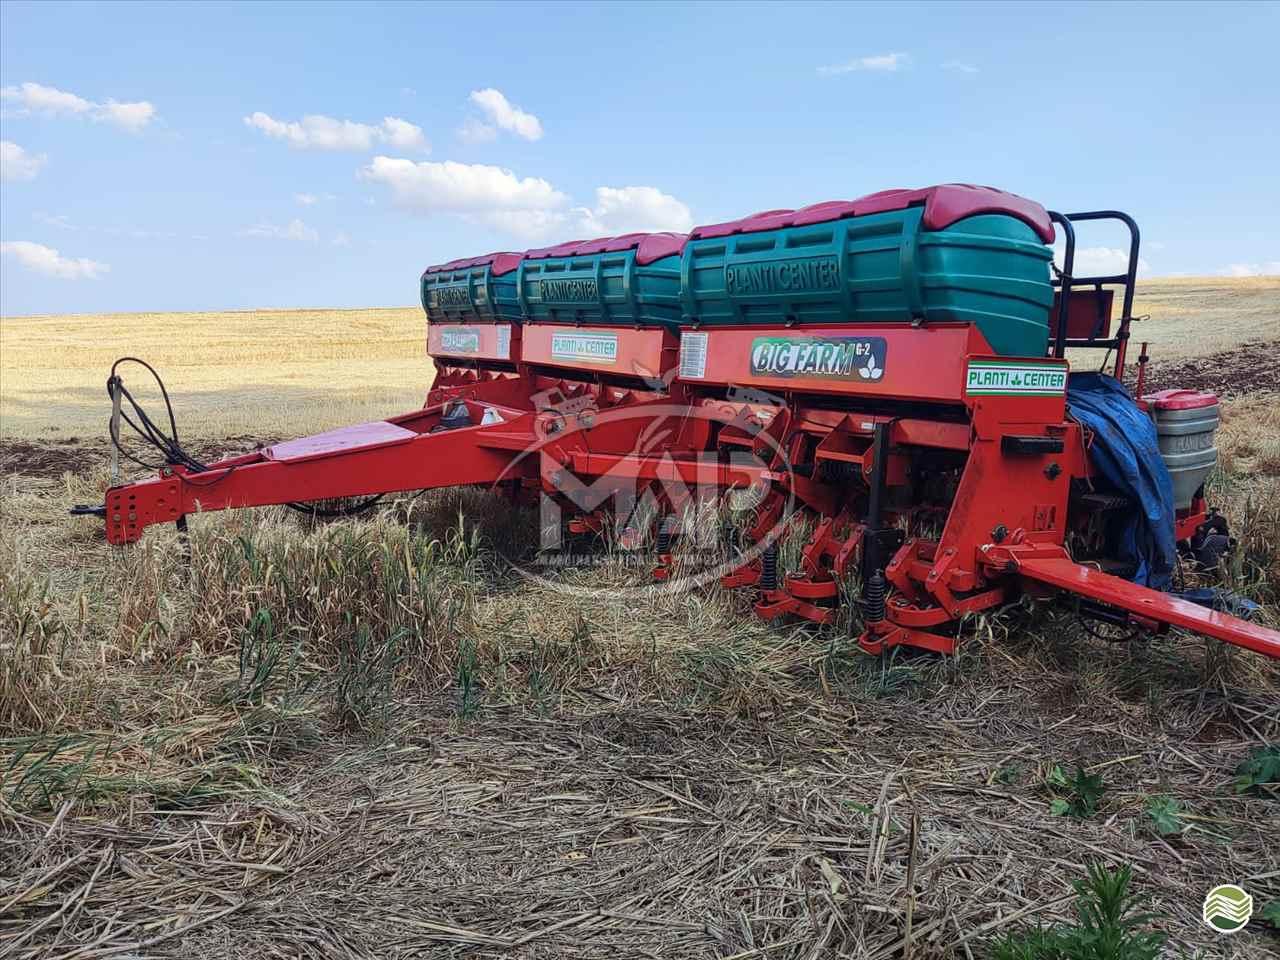 PLANTADEIRA PLANTI CENTER BIG FARM PCA 15 Máquinas Agrícolas Pitanga PITANGA PARANÁ PR